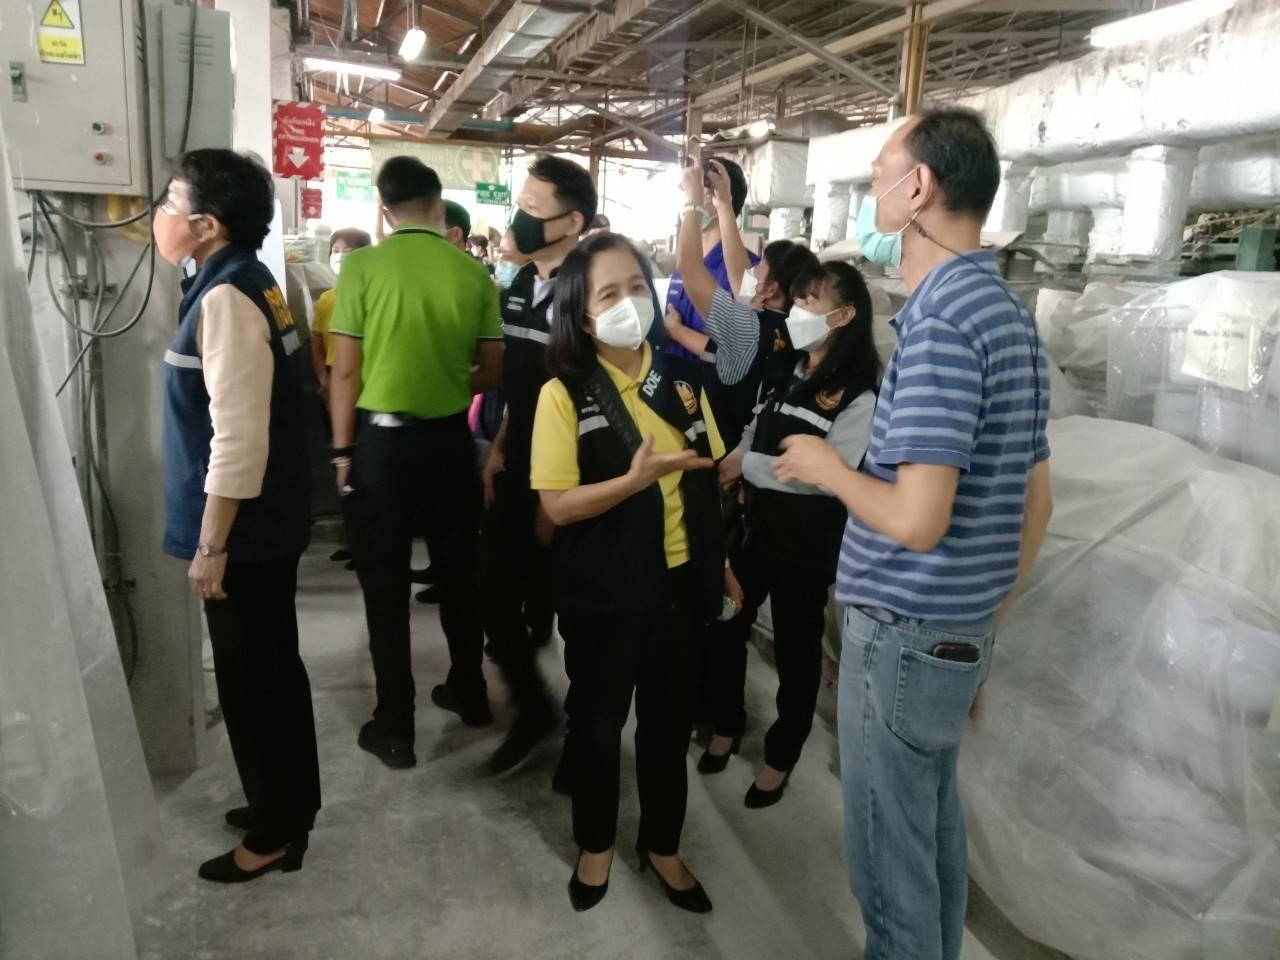 ตรวจสถานประกอบการตามมาตรการป้องกันควบคุมโรคสำหรับสถานประกอบการ (โรงงาน) Good Factory Practice (GFP)